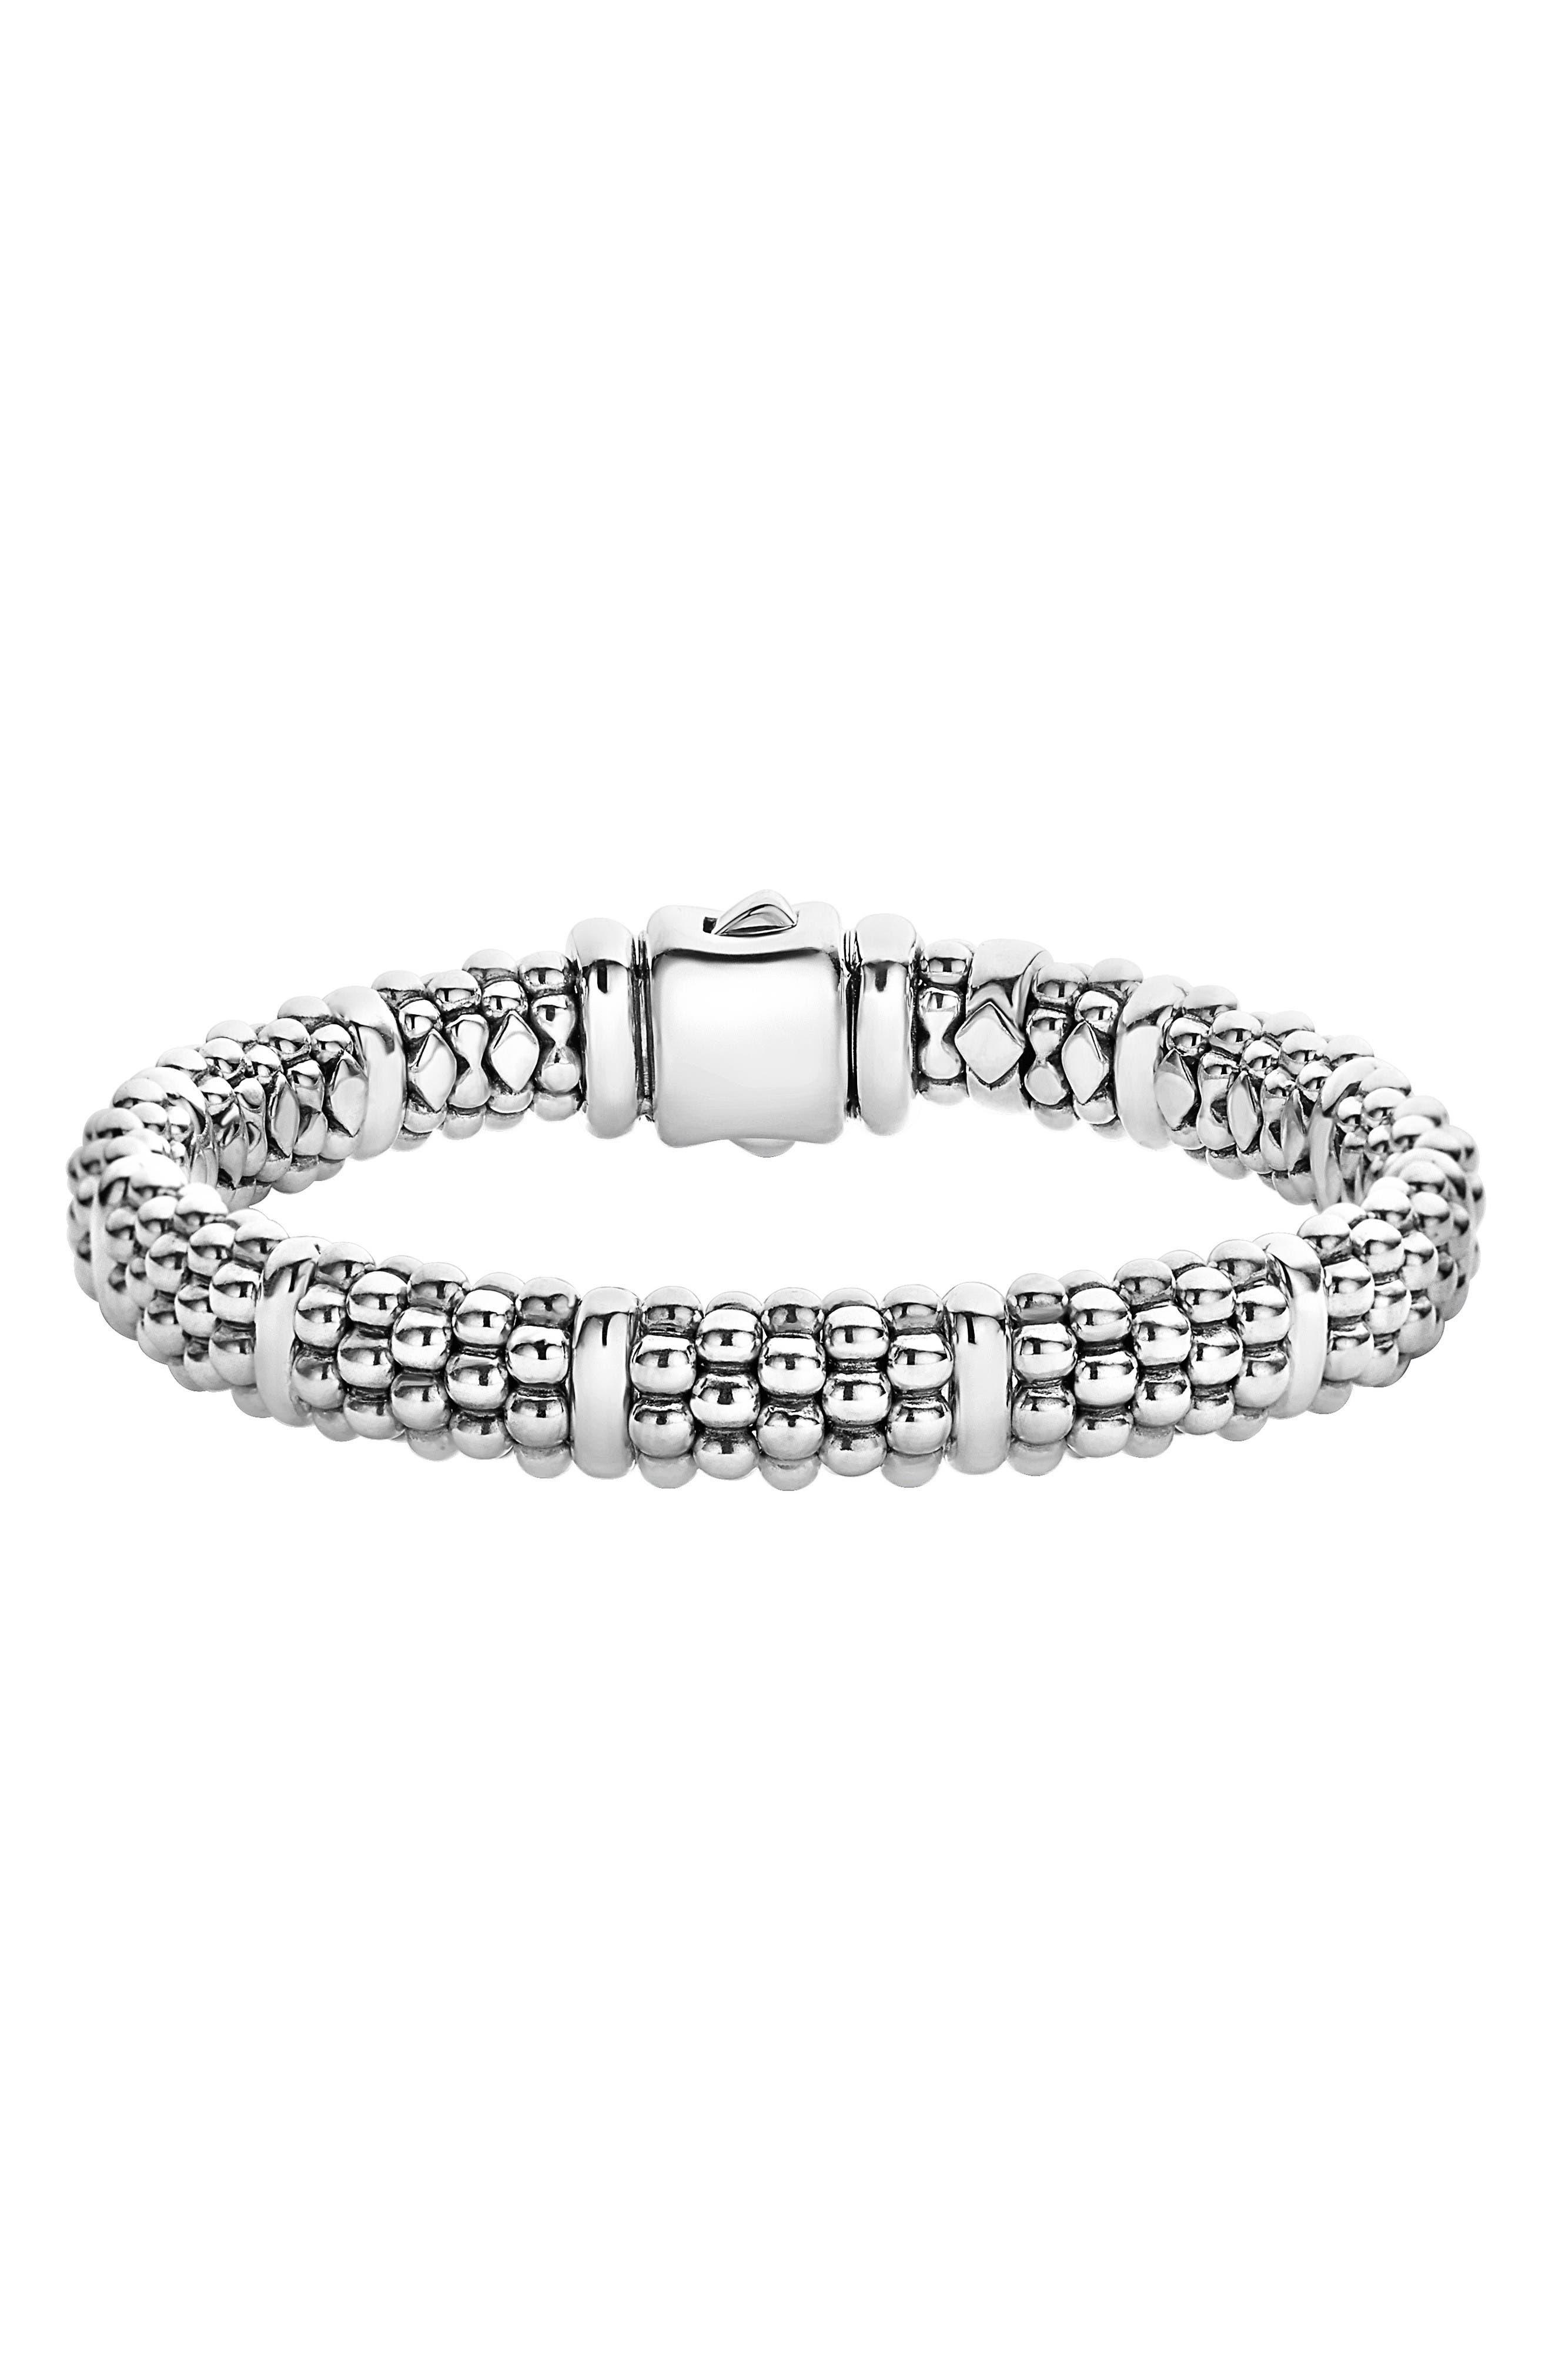 Oval Rope Caviar Bracelet,                         Main,                         color, Silver